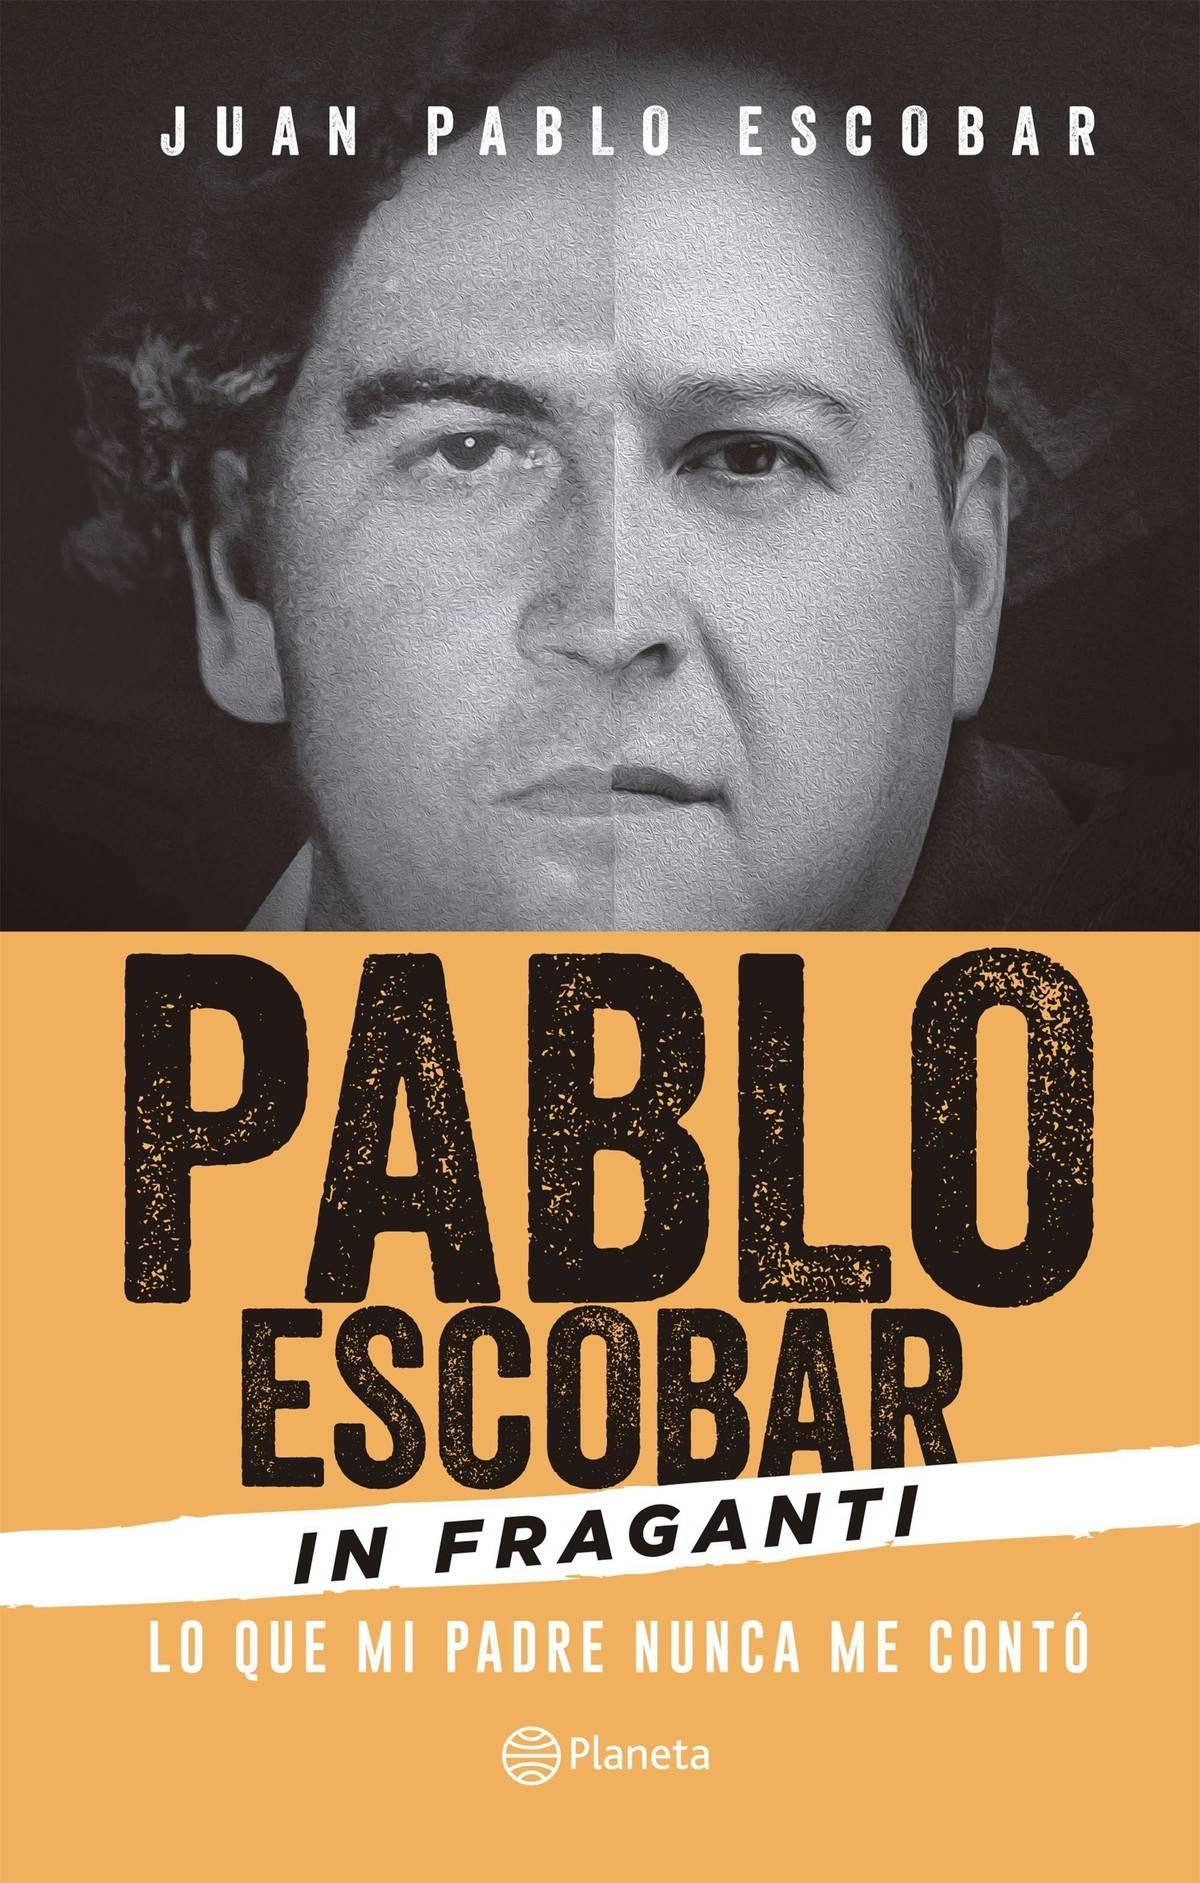 Portada libro Pablo Escobar